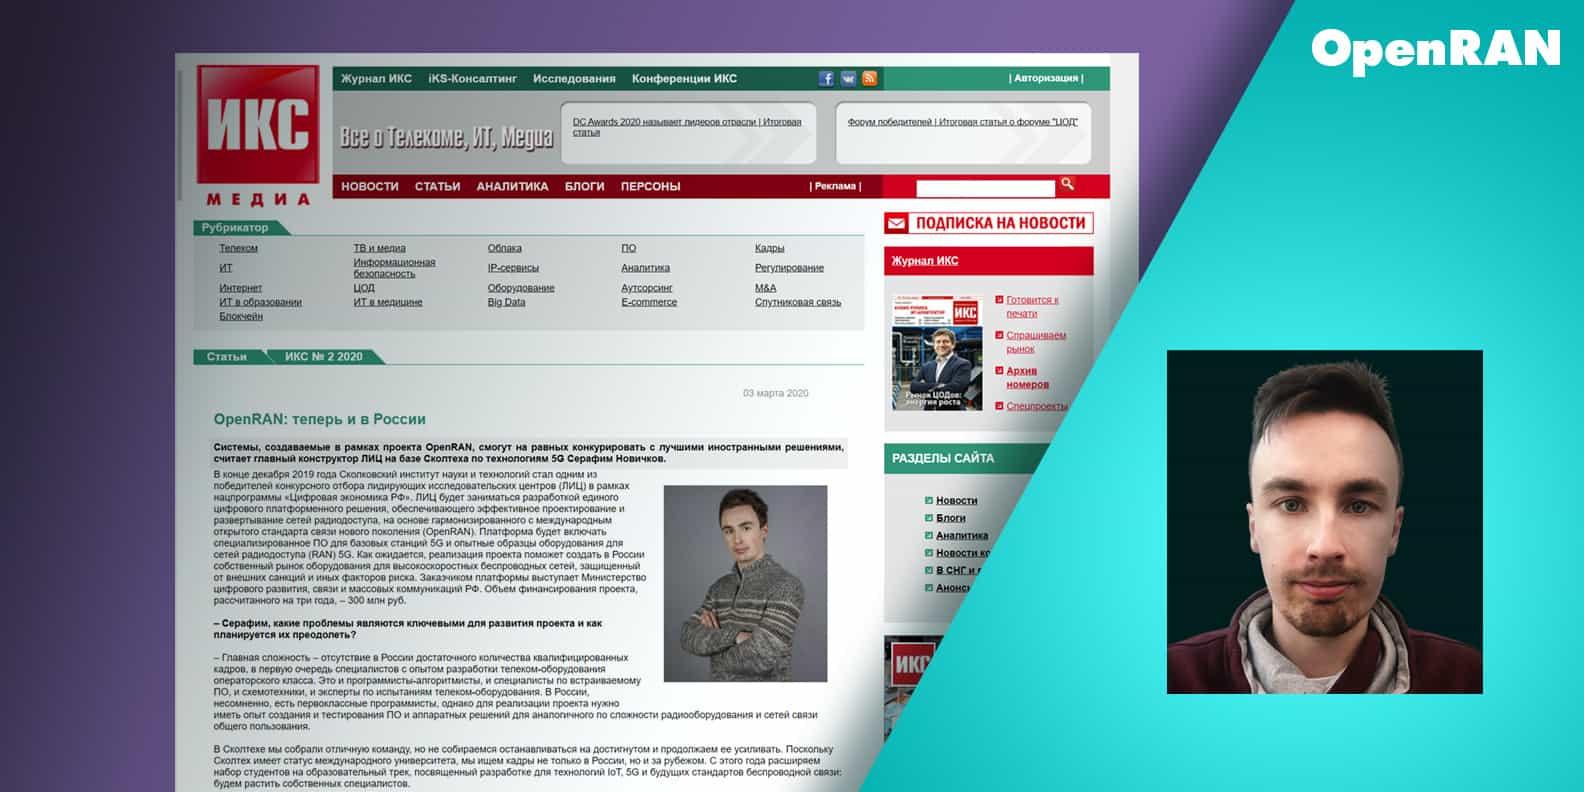 """Серафим Новичков, ведущий разработчик беспроводных решений Сколтеха, ответил на вопросы журналистов ИКС-Медиа для материала """"OpenRAN: теперь и в России"""". В статье Серафим рассказывает про особенности, с которыми столкнулись разработчики OpenRAN…"""